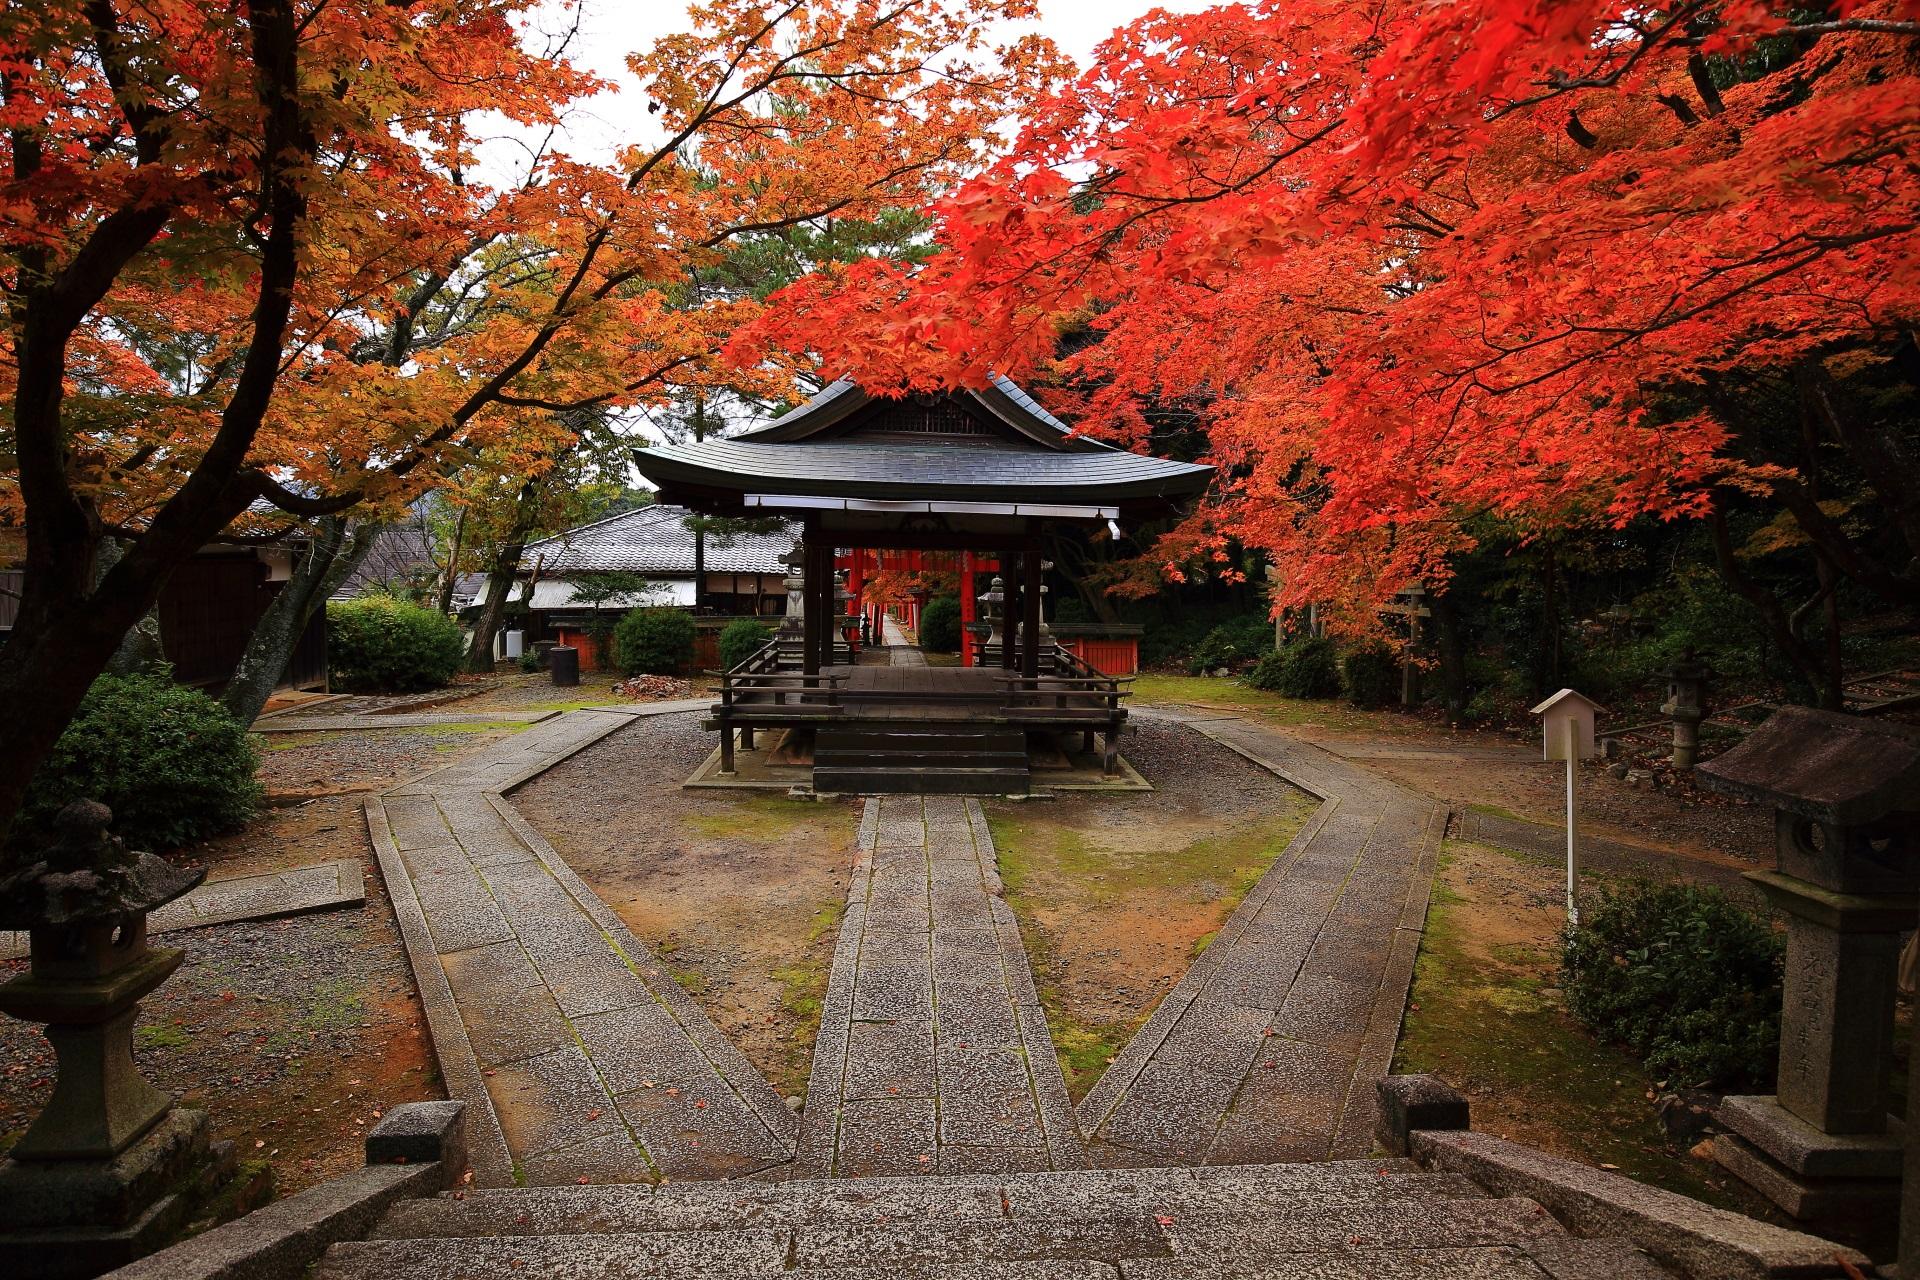 秋の竹中稲荷神社